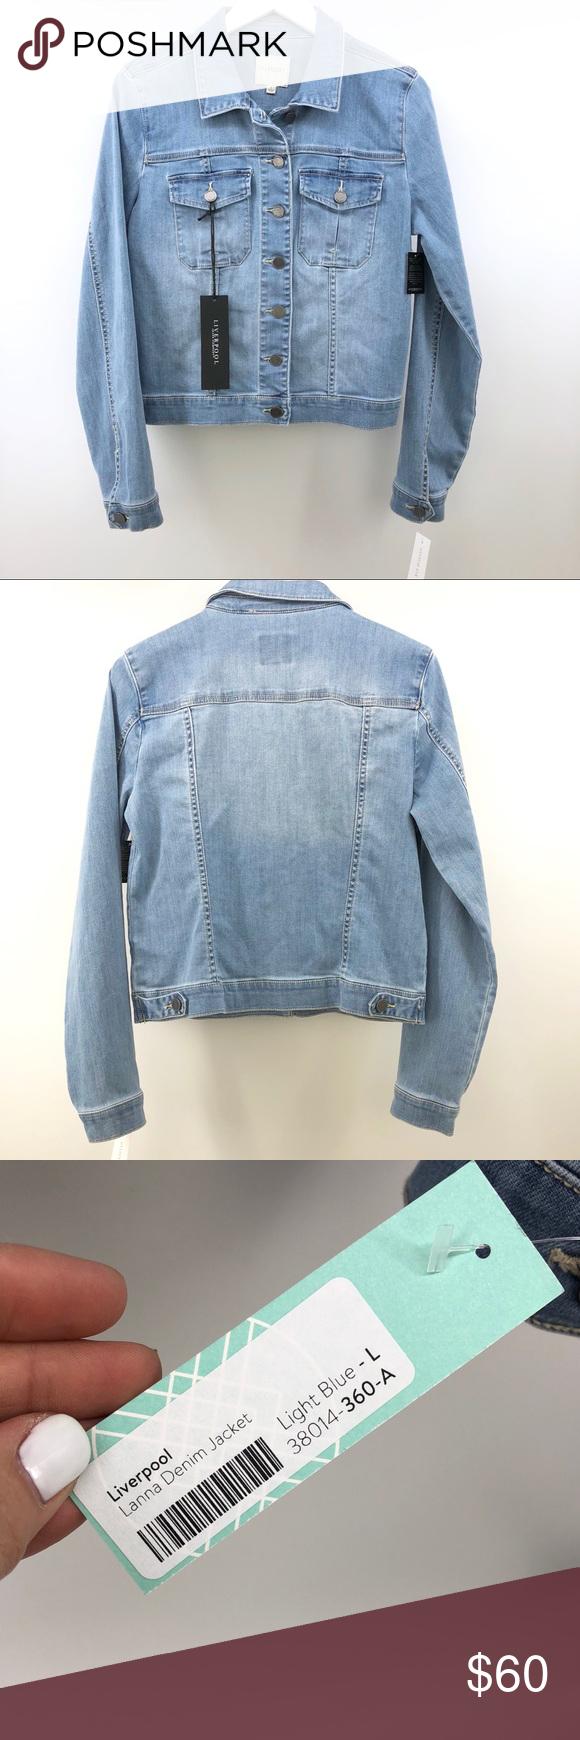 Liverpool Denim Jacket L Lanna Stitch Fix New Nwt Denim Jacket Liverpool Jeans Liverpool Jacket [ 1740 x 580 Pixel ]